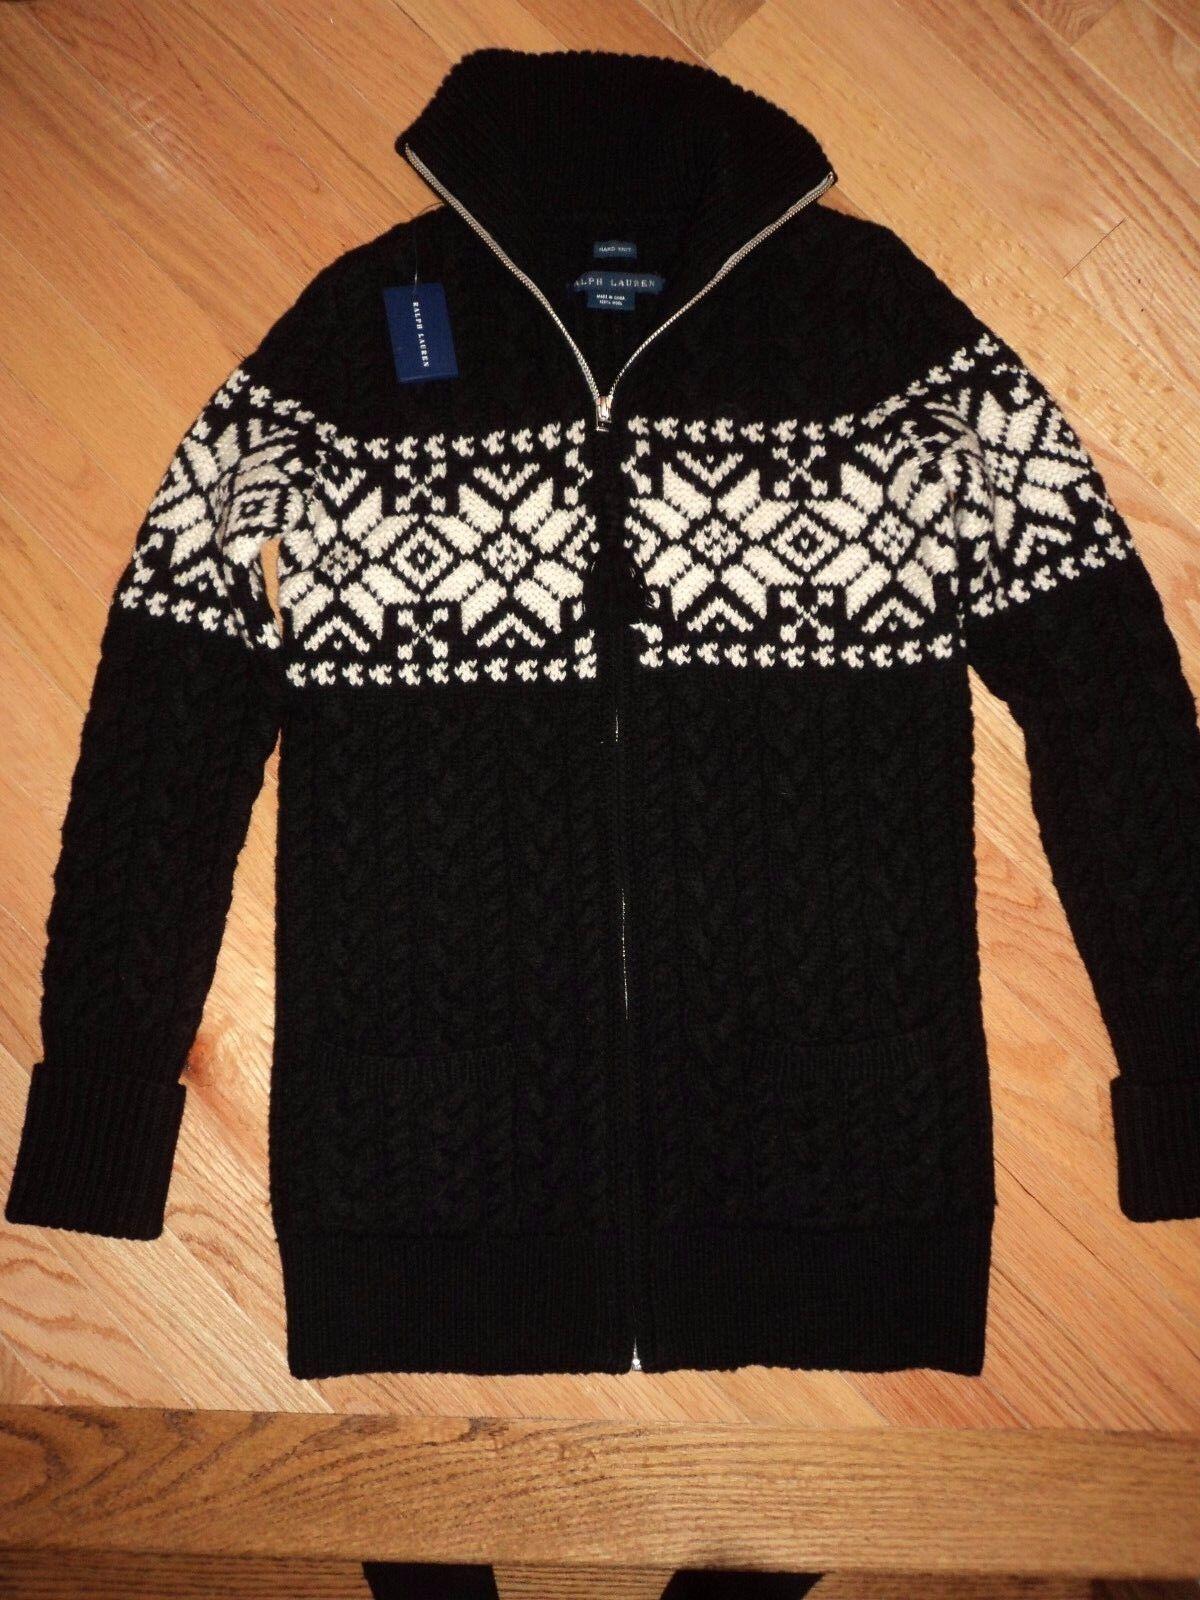 +++ Nuevo  Con Etiquetas  398 Ralph Lauren azul Etiqueta Hand Knit 100% Lana Suéter Sz S +++  precios ultra bajos